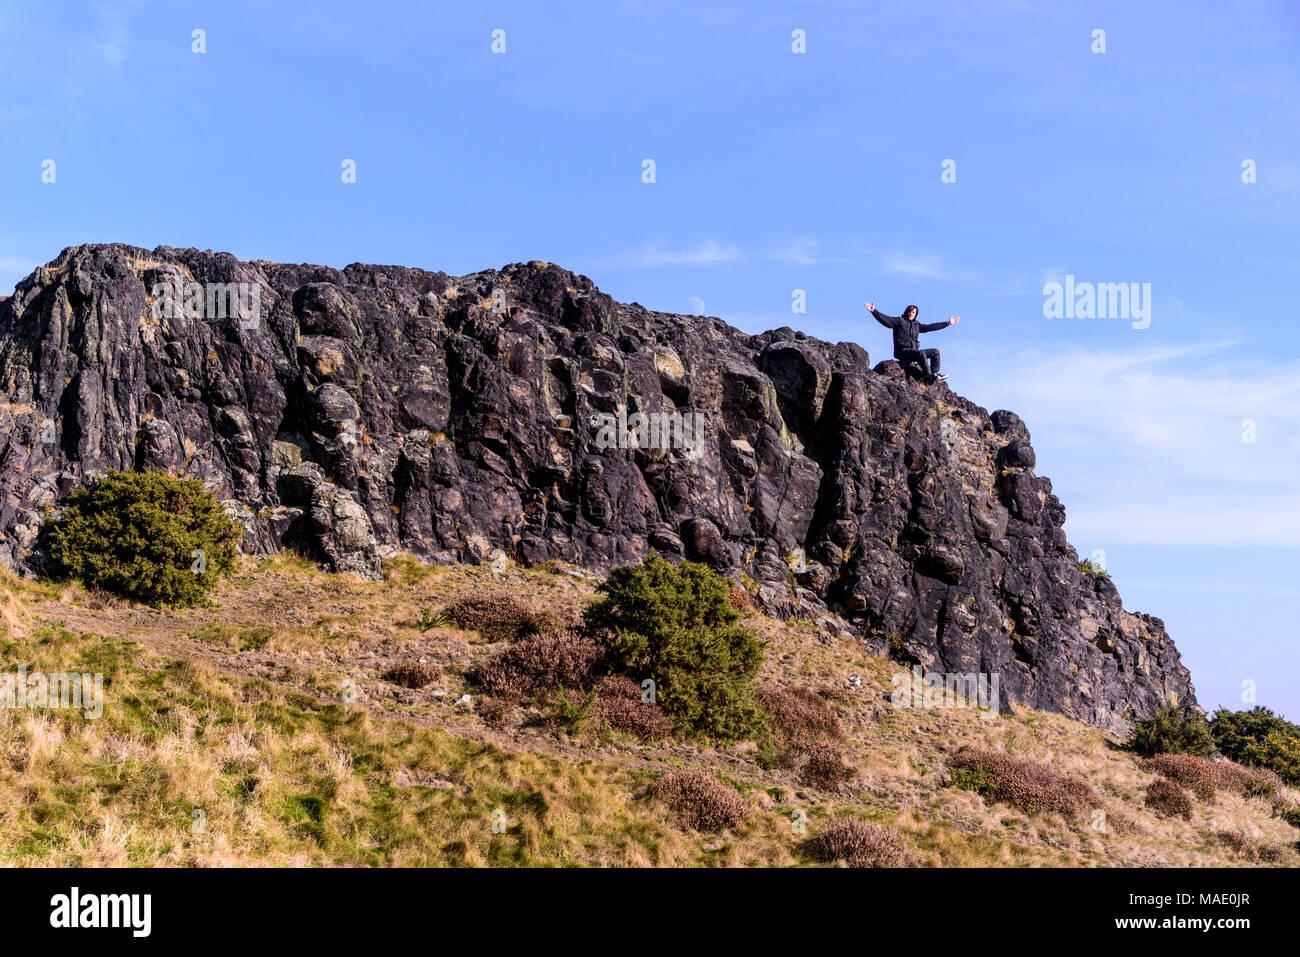 La juventud celebra subiendo la colina. Imagen De Stock